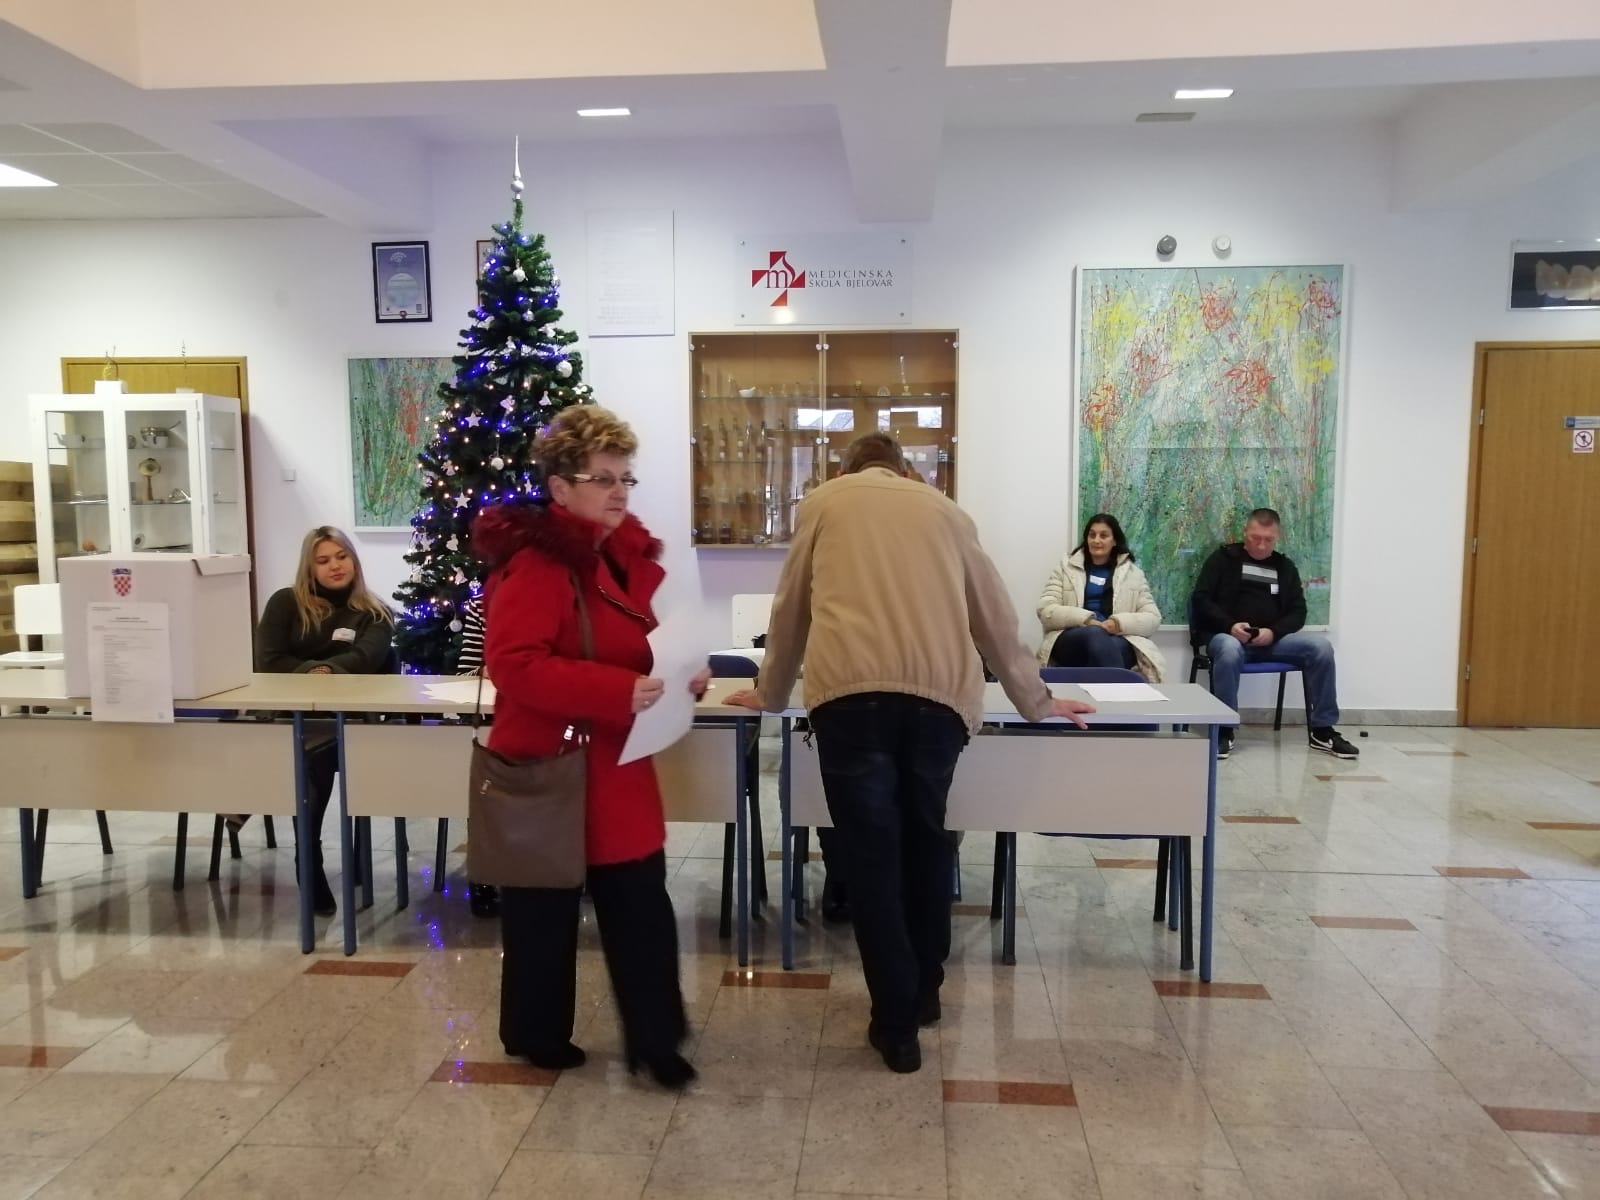 REZULTATI IZBORA Evo kako je glasovala središnja Hrvatska